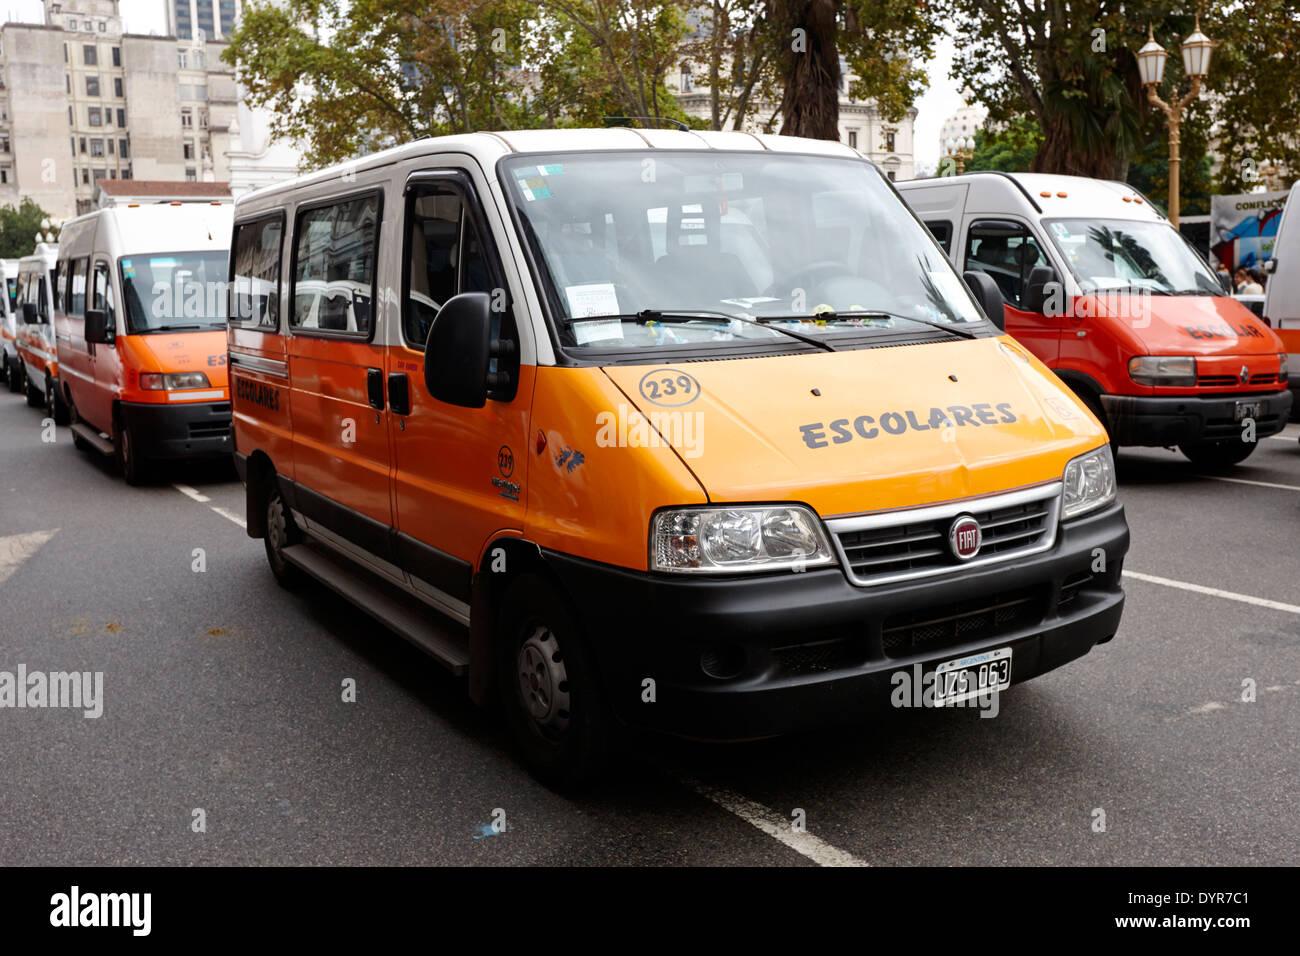 escolares school minibus Buenos Aires Argentina - Stock Image